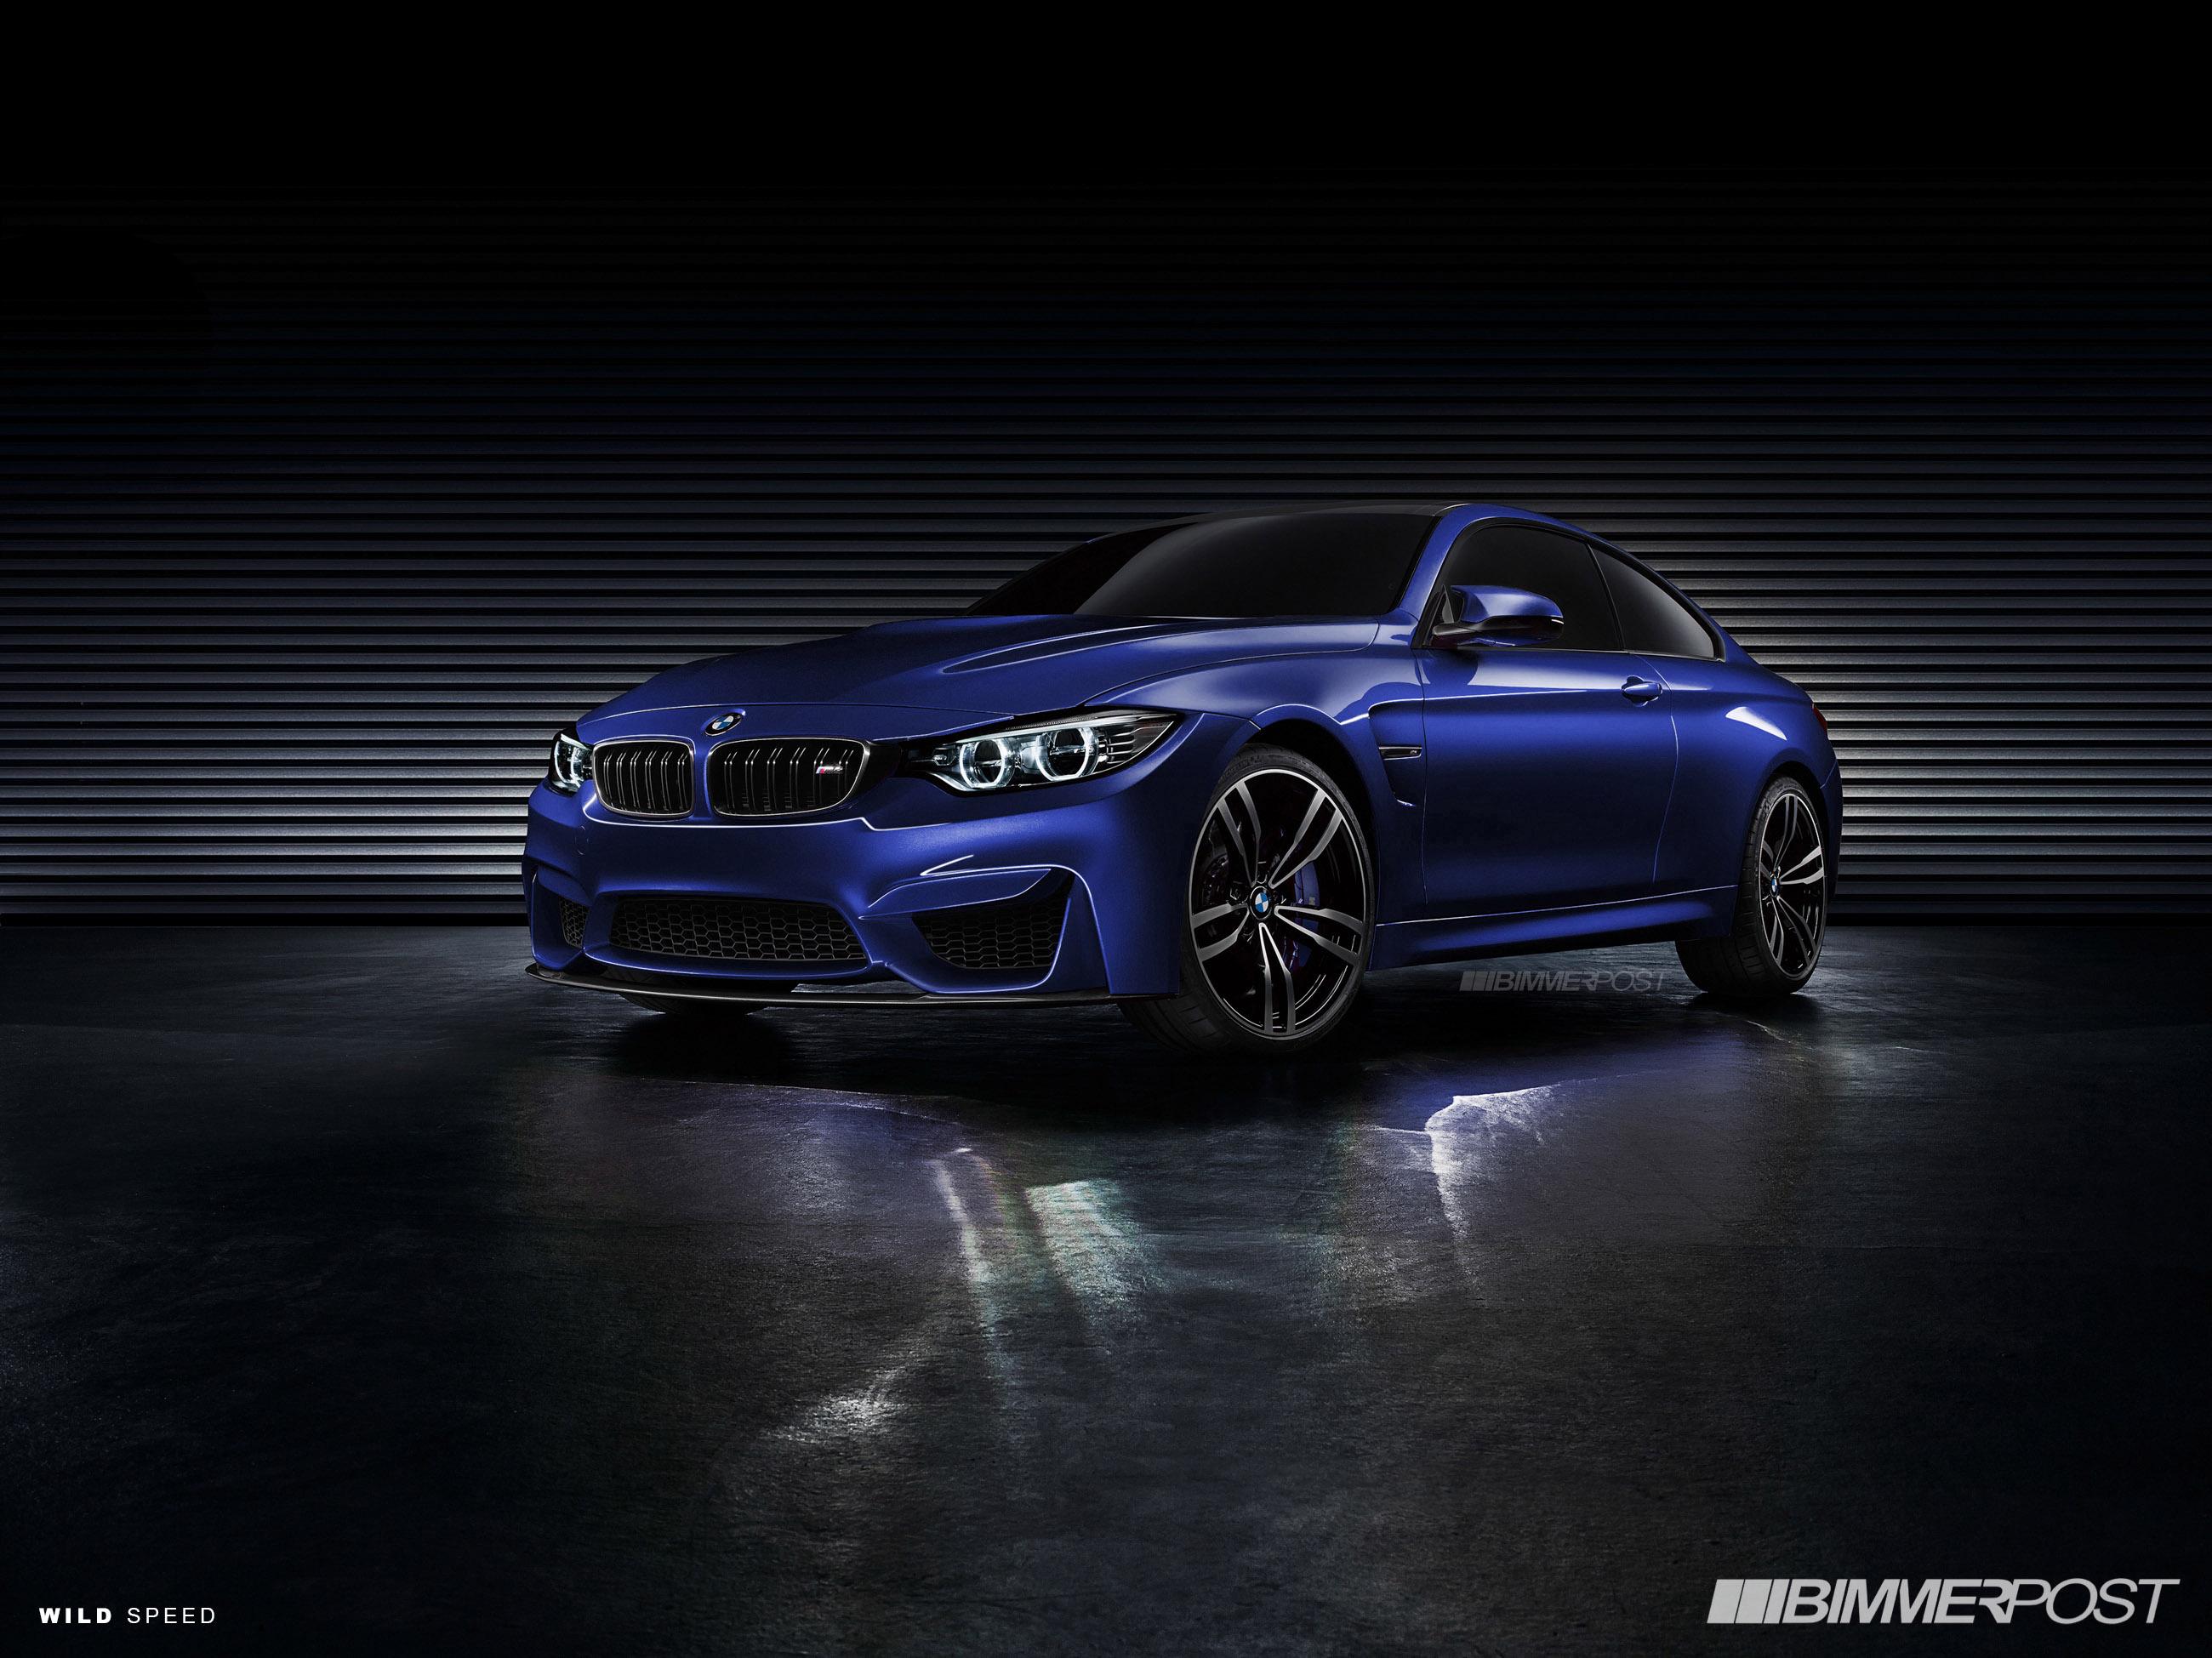 BMW M4 F80 Концепт 2013